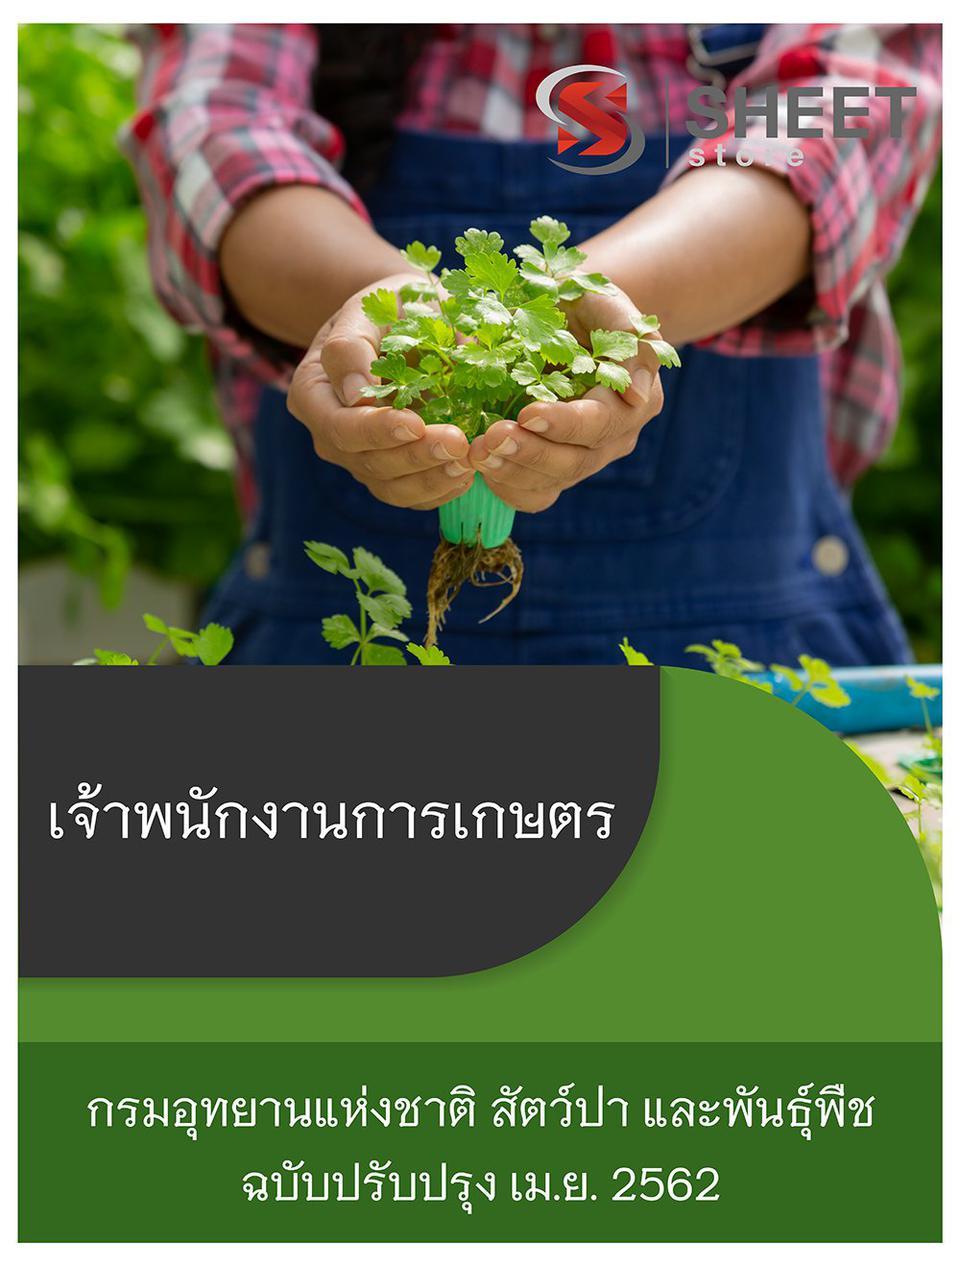 {อปท 2562}แนวข้อสอบ เจ้าพนักงานการเกษตร กรมอุทยานแห่งชาติ สั รูปที่ 6